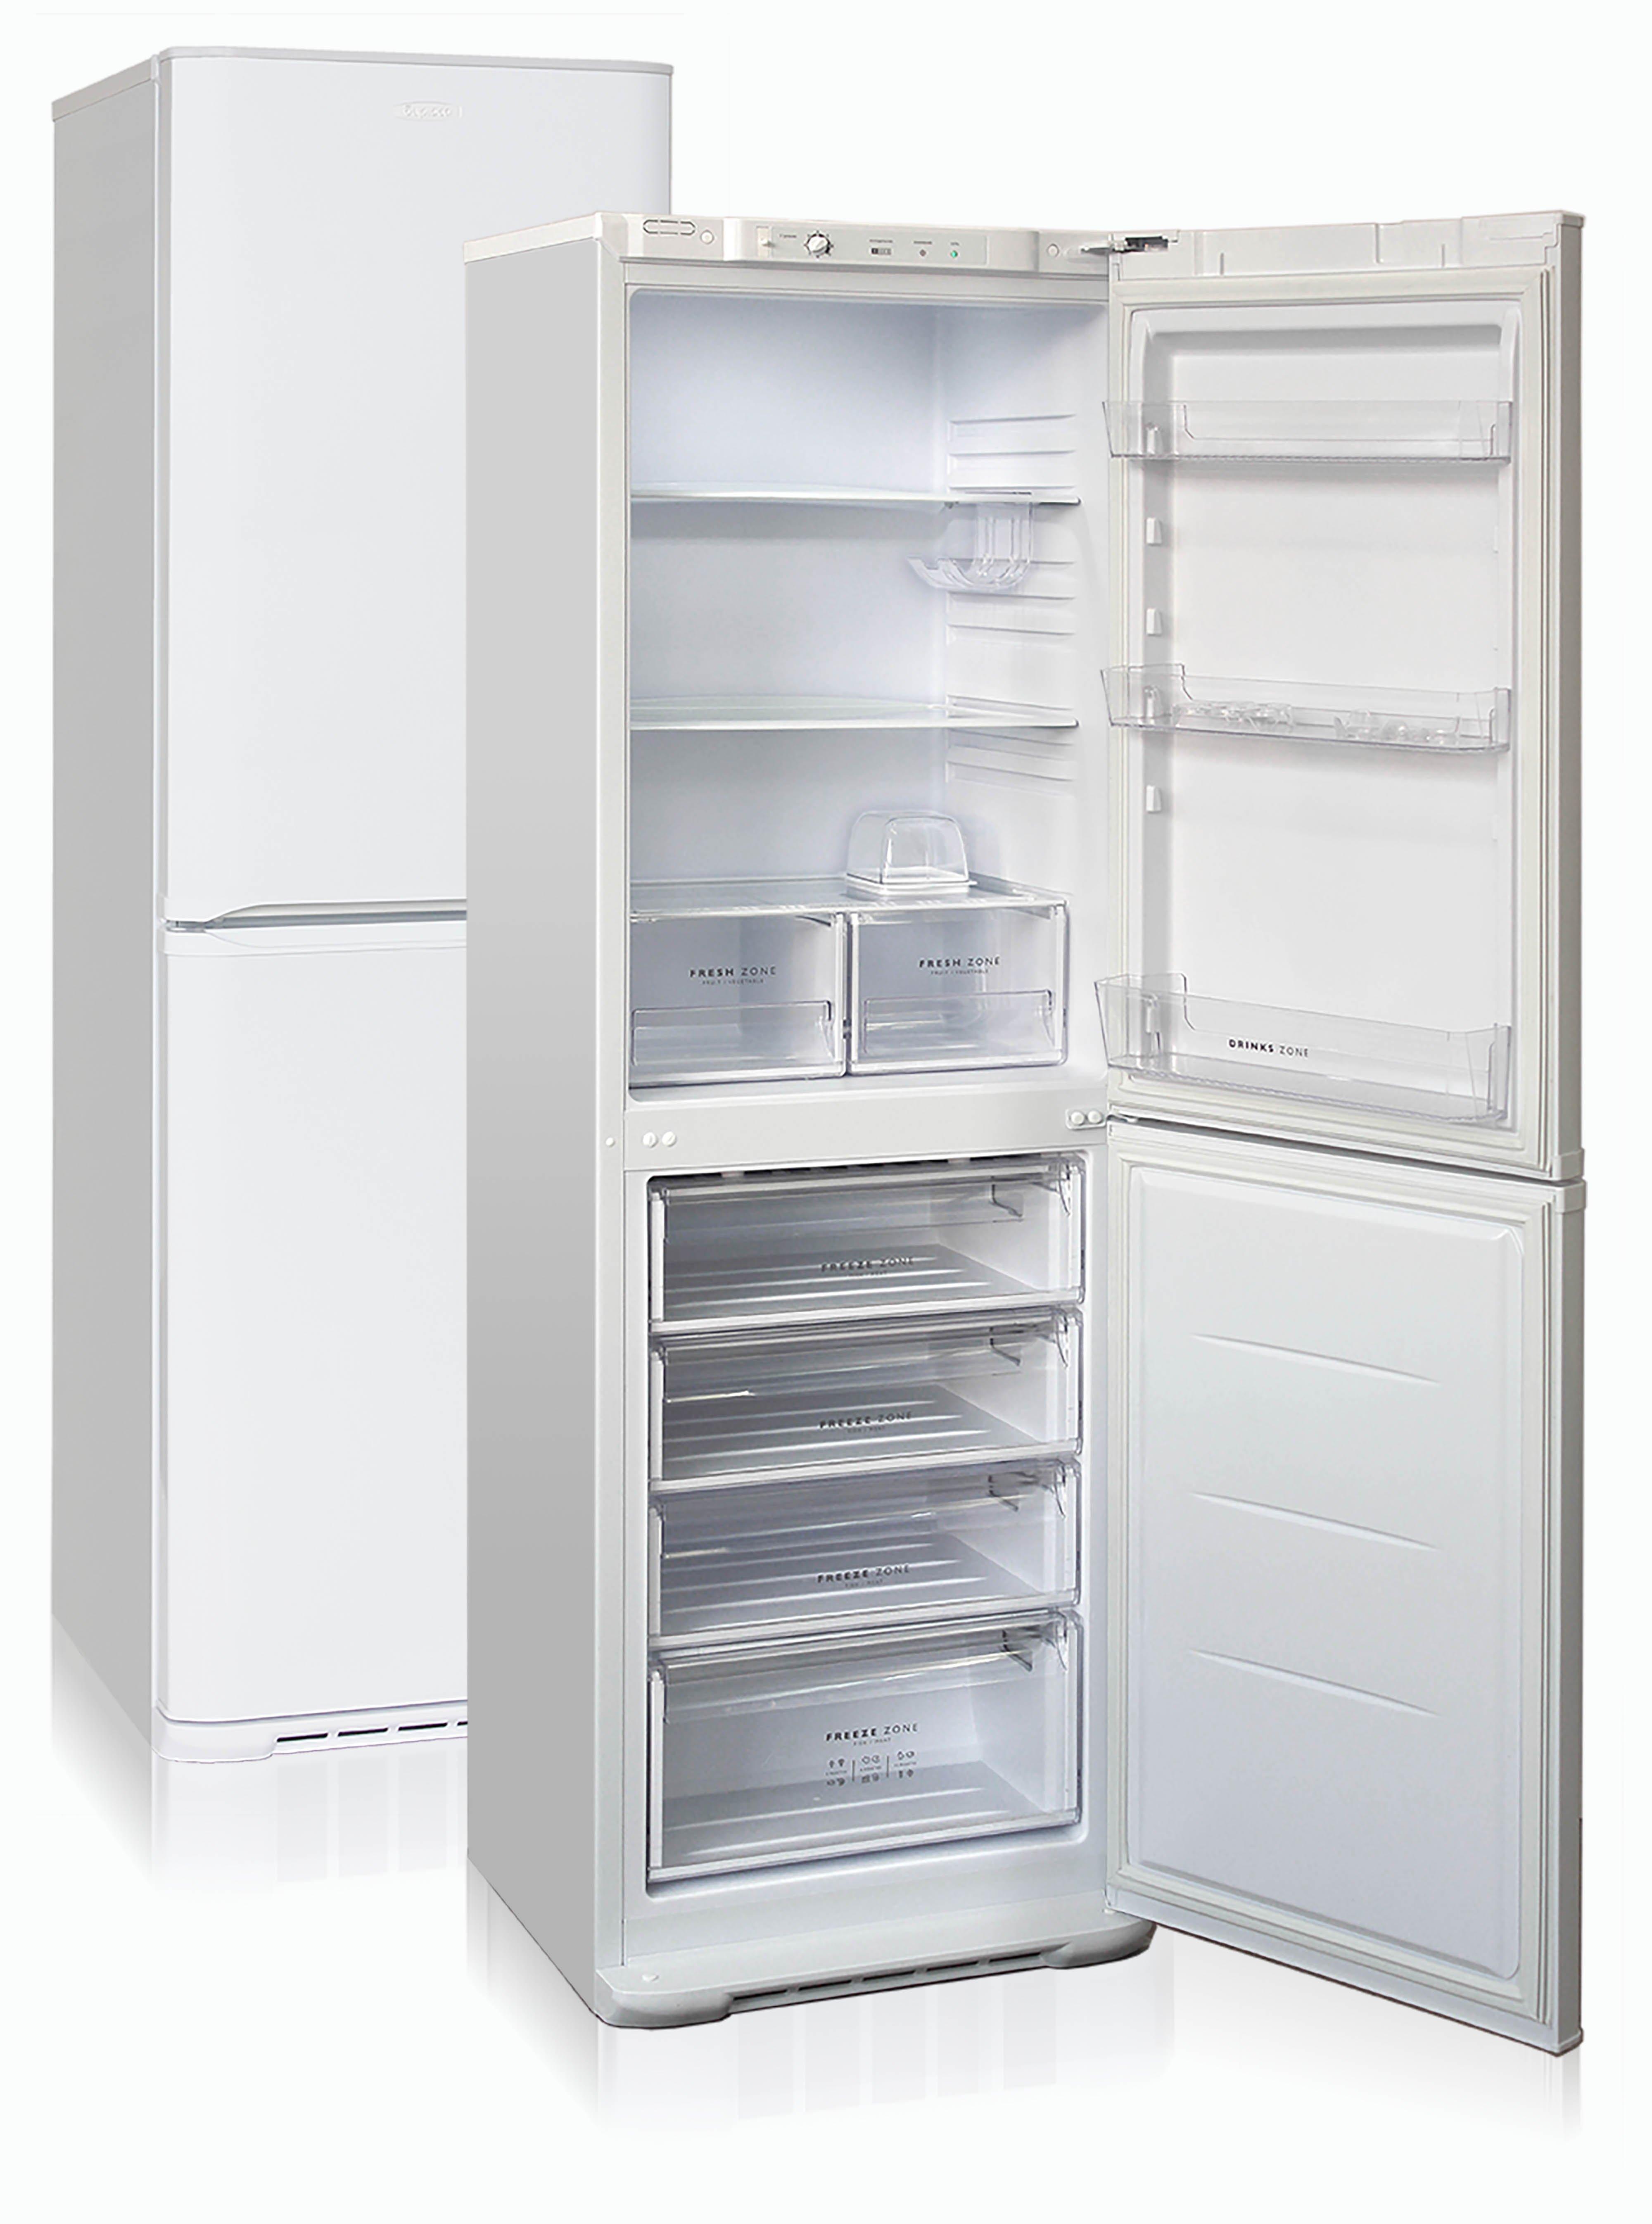 Холодильники в магазине дом техники сентек массажер купить